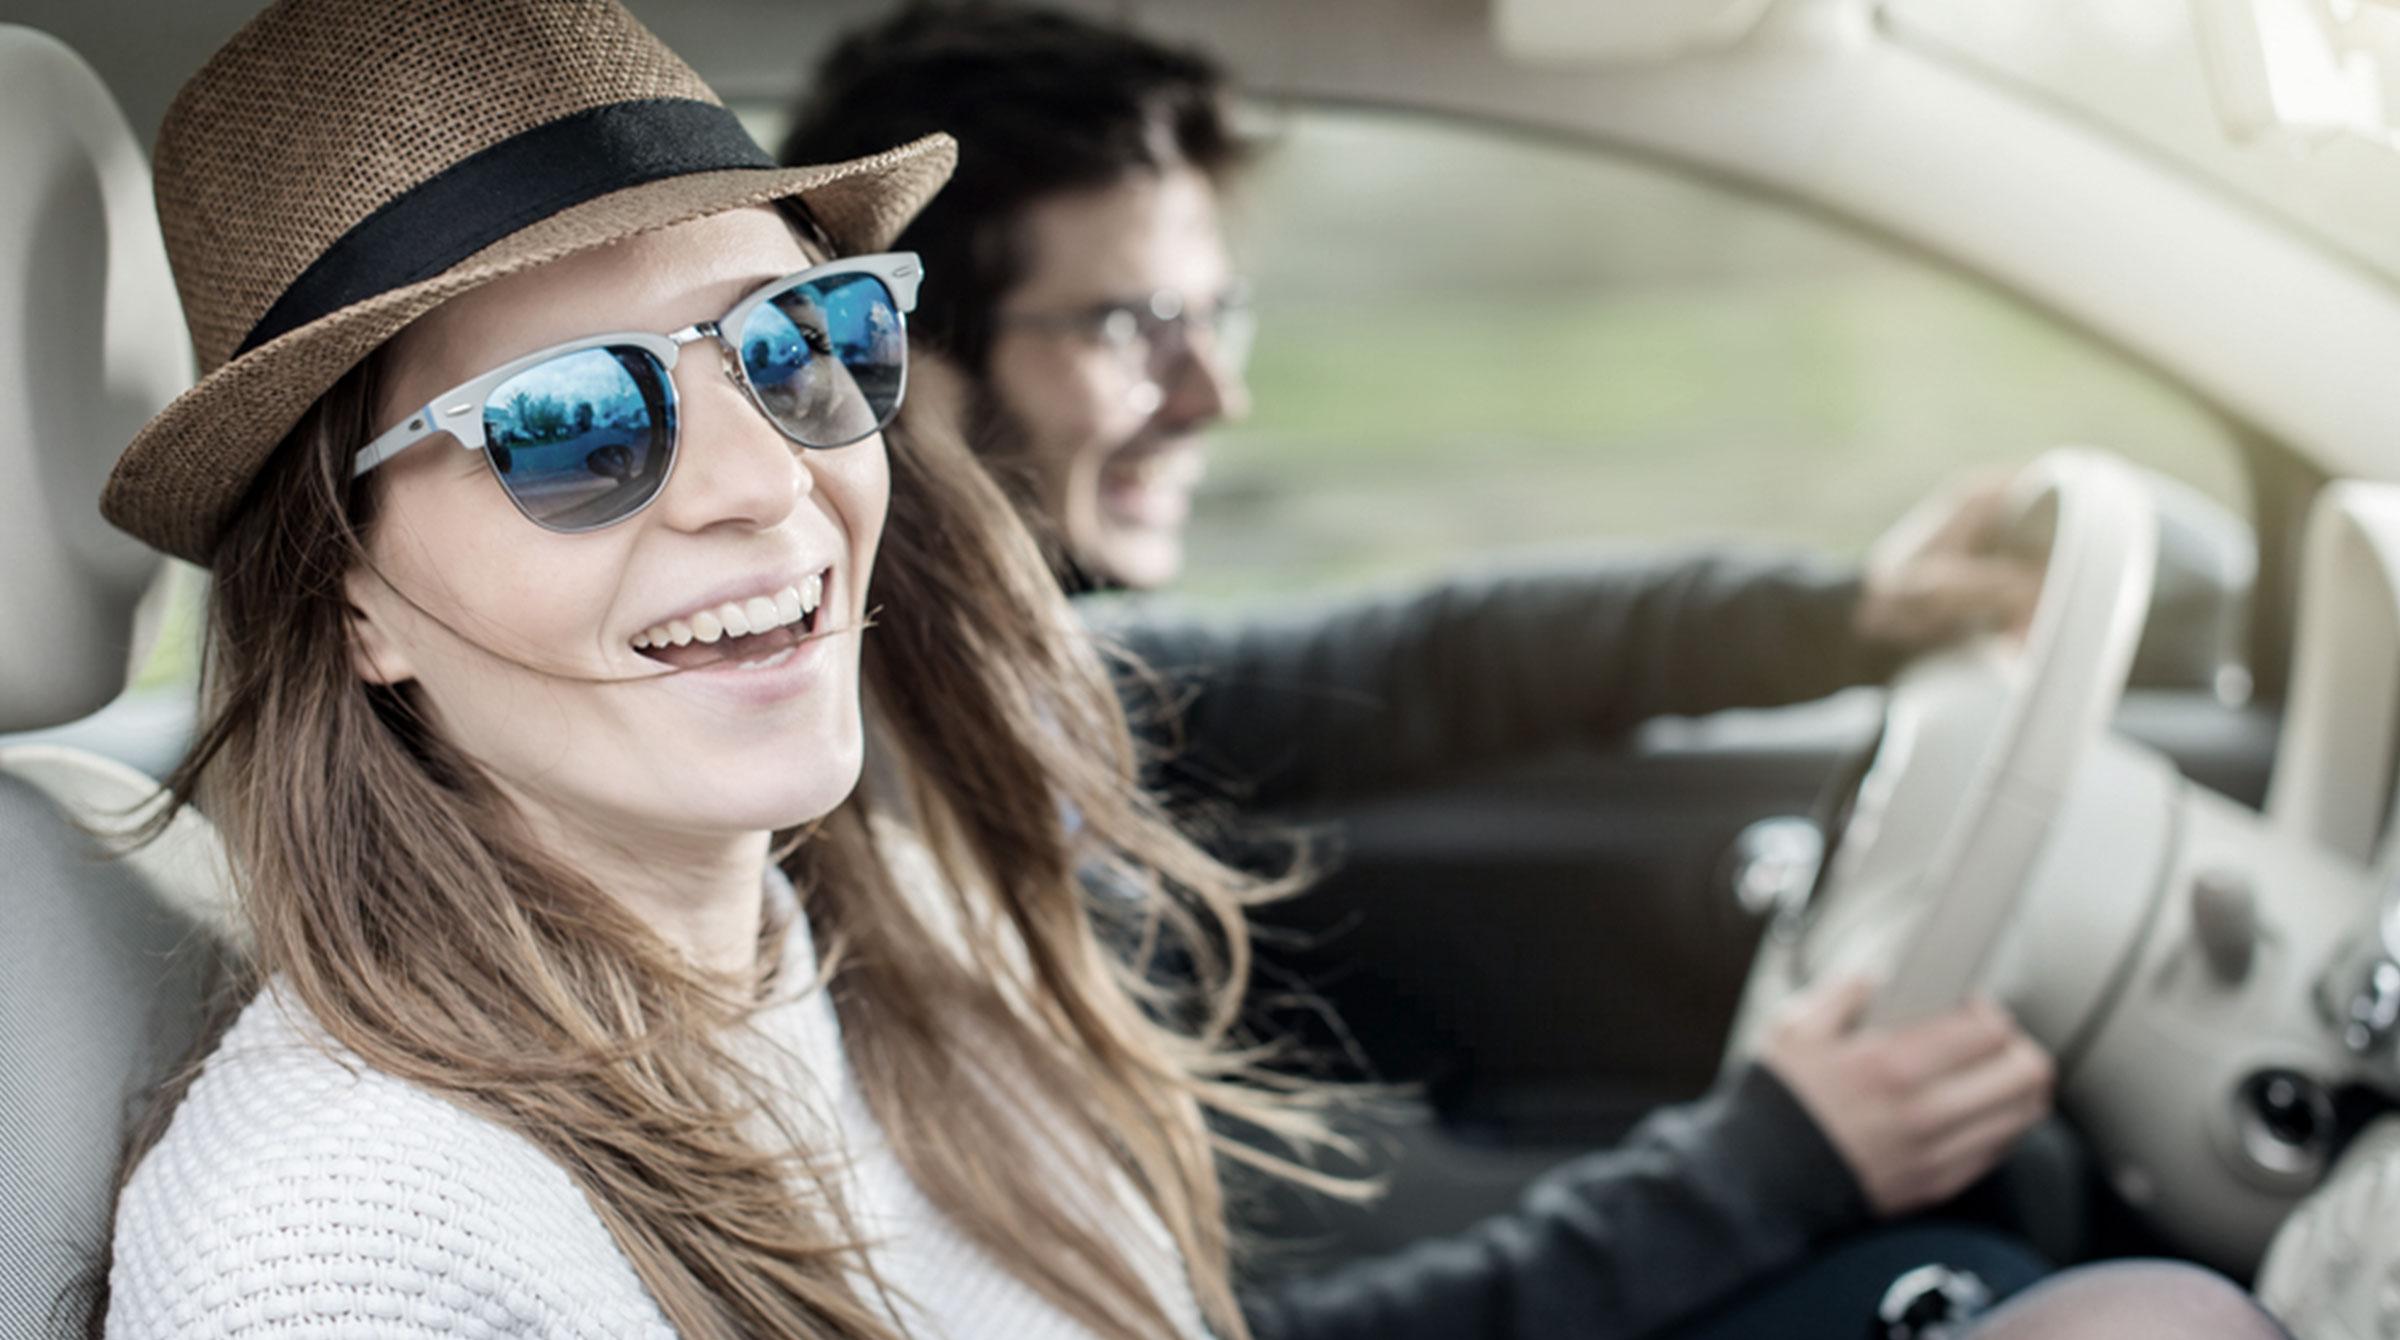 Kfz-Versicherung: Die günstige Autoversicherung mit persönlicher Beratung